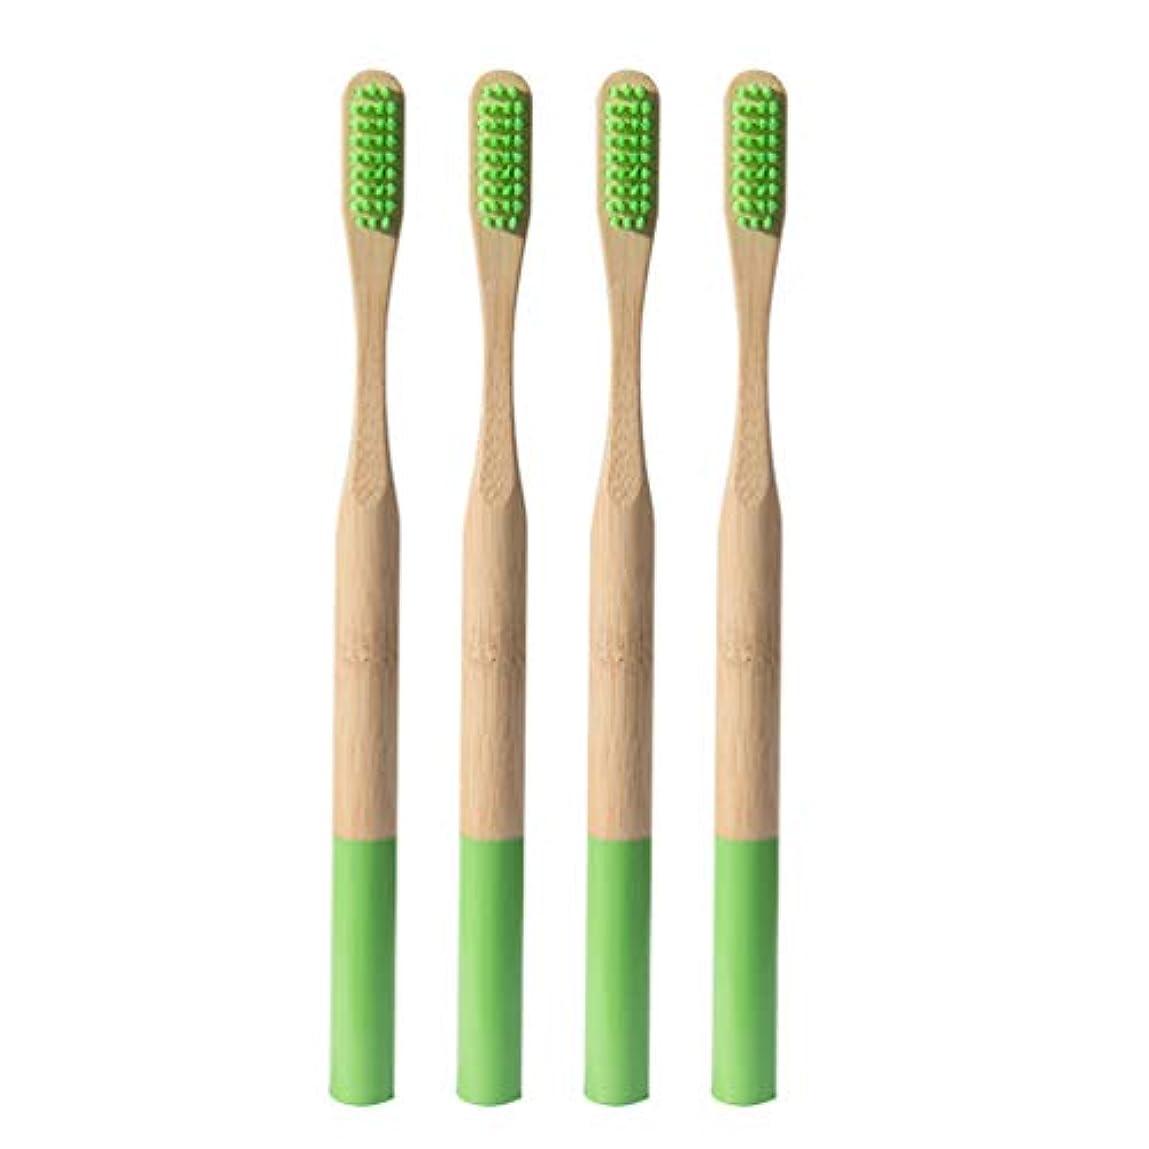 アート退屈な私達SUPVOX 4本の天然竹歯ブラシエコフレンドリーな歯ブラシ、柔らかいナイロン毛、BPAフリーの生分解性